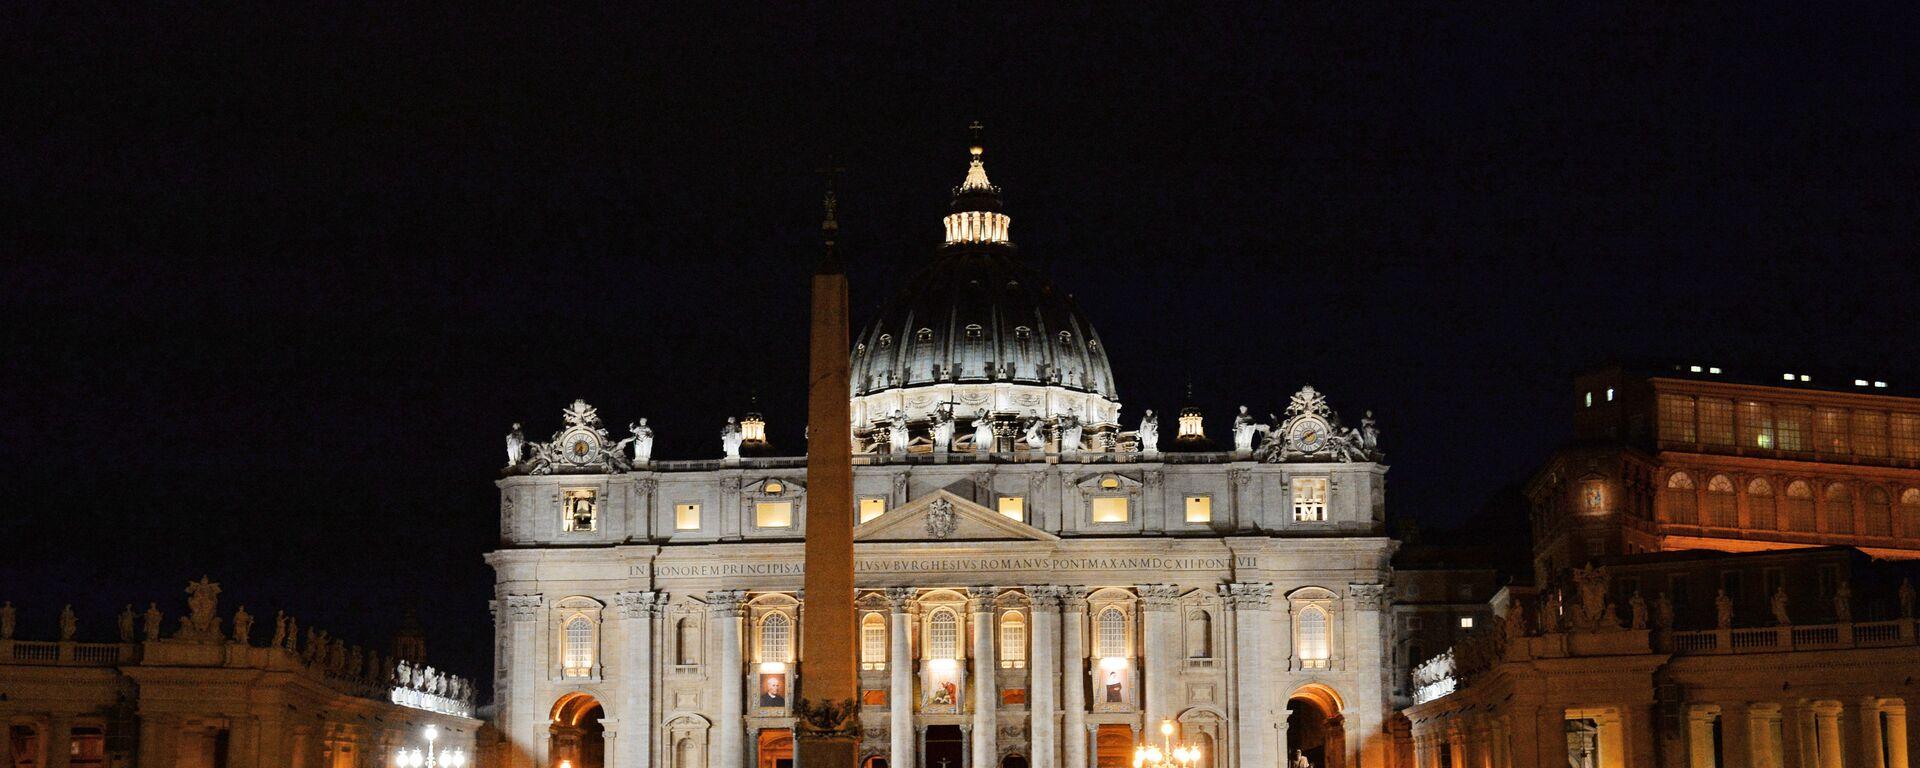 Vaticano - Sputnik Italia, 1920, 06.07.2021